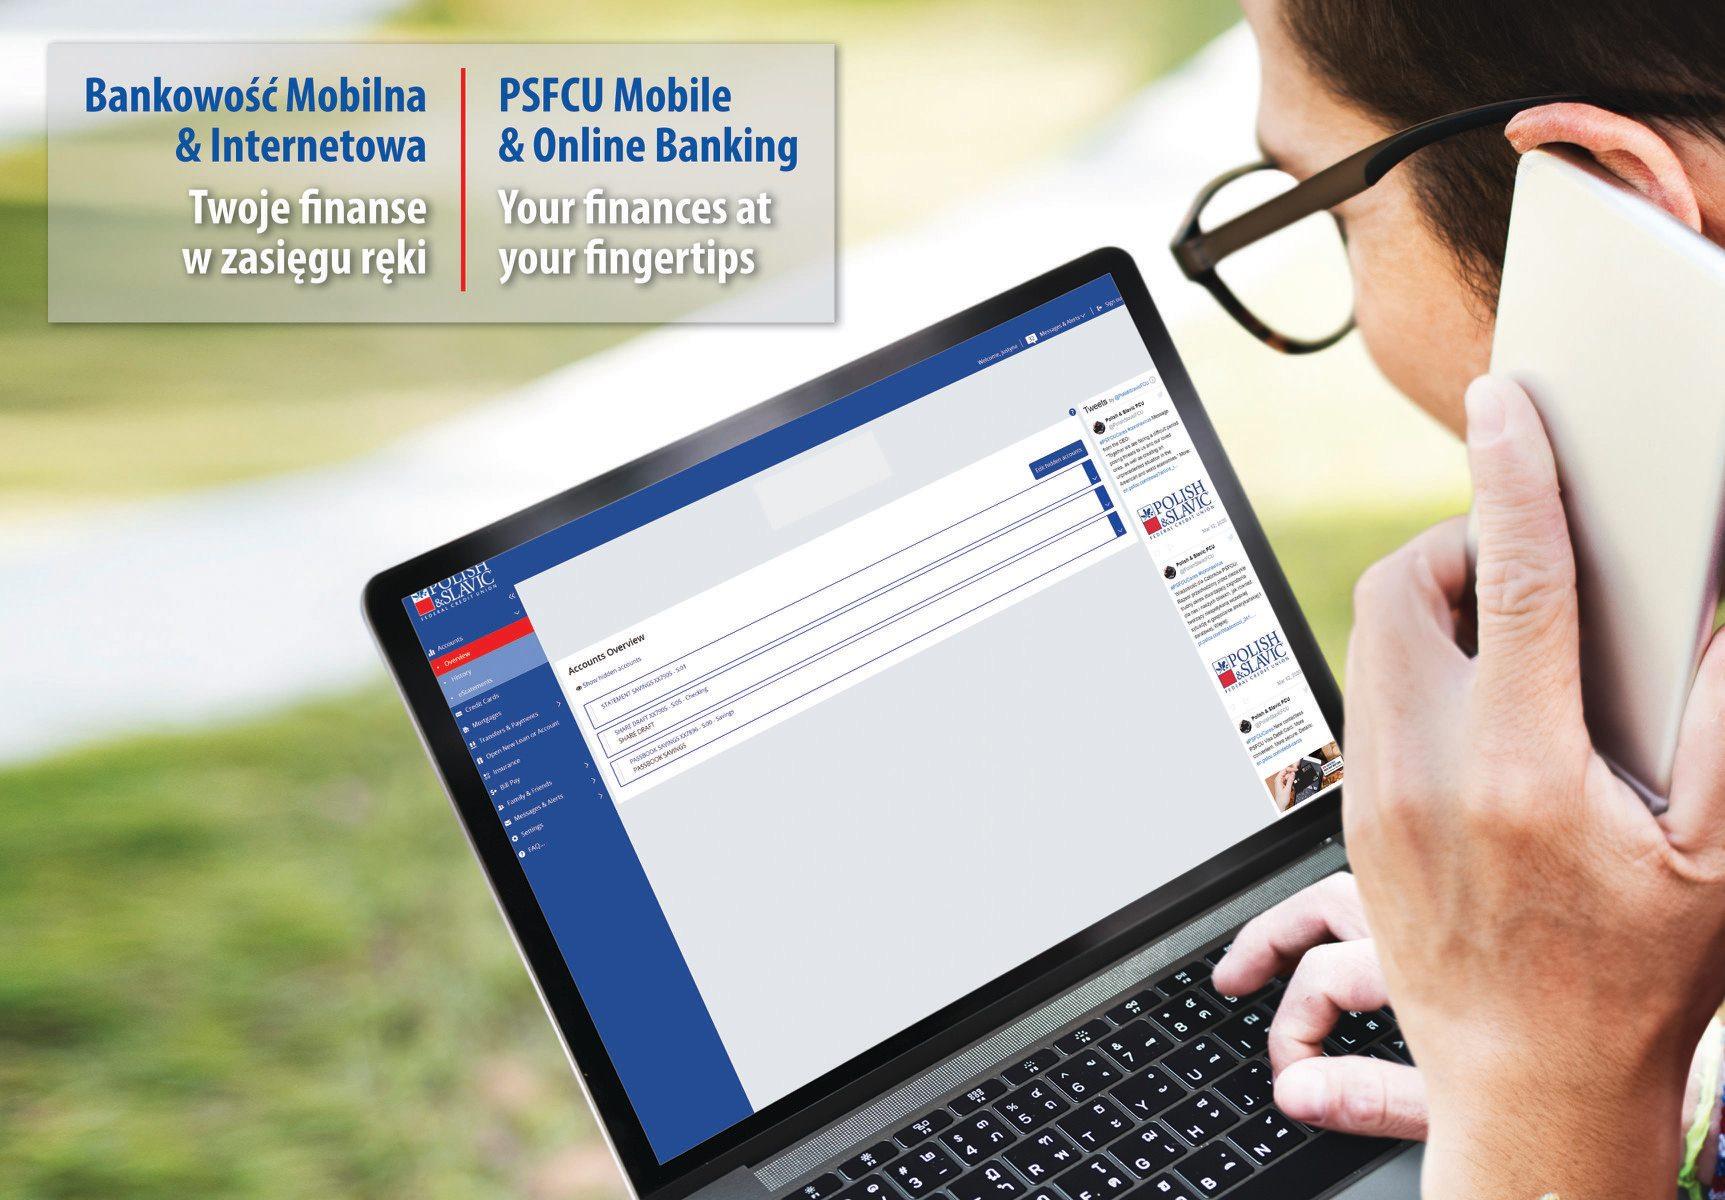 Komunikat PSFCU: Zmiana warunków i czasu pracy w oddziałach Naszej Unii